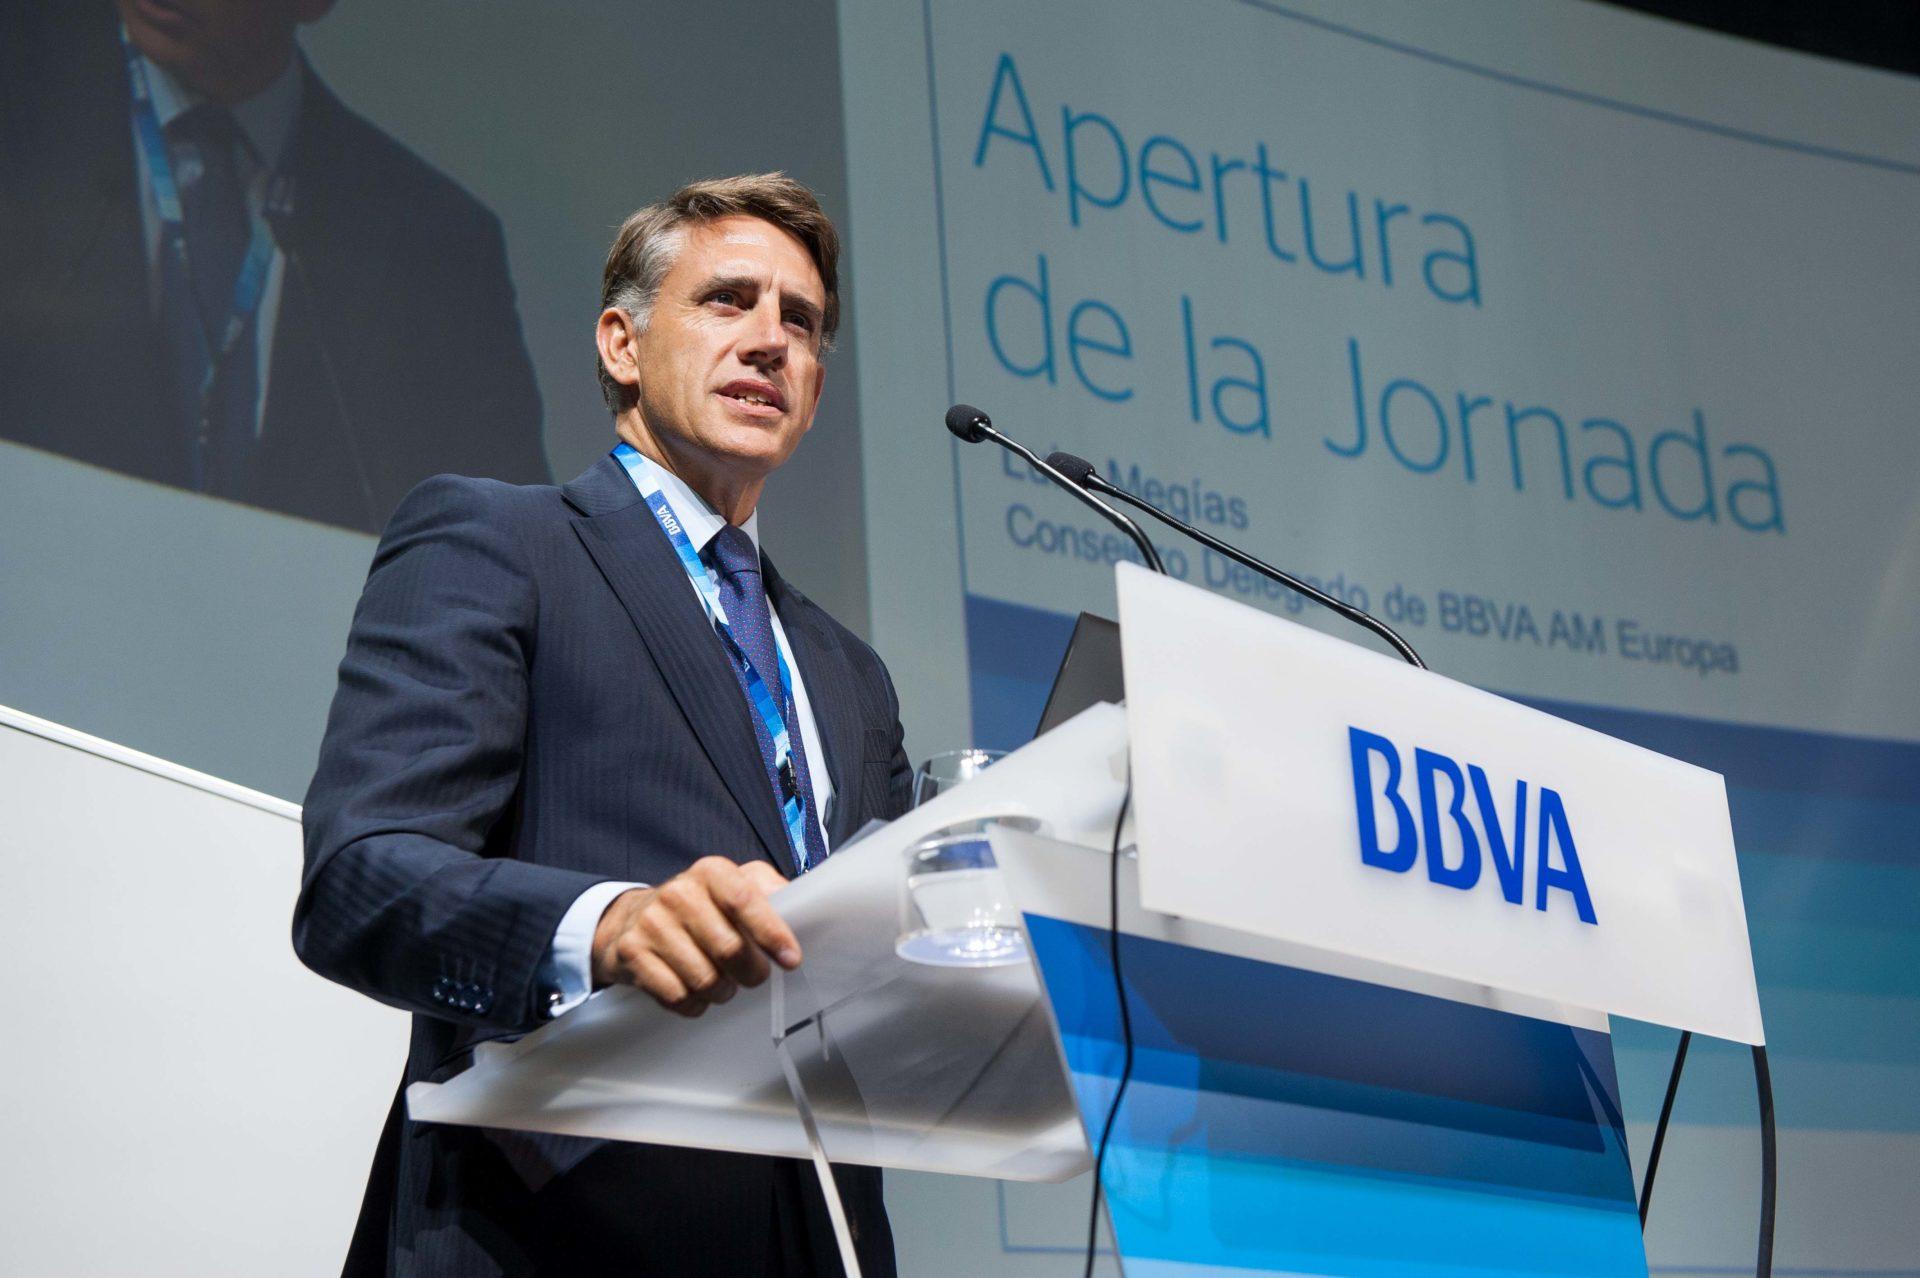 Fotografia de Luis Megias pensiones consejero delegado BBVA